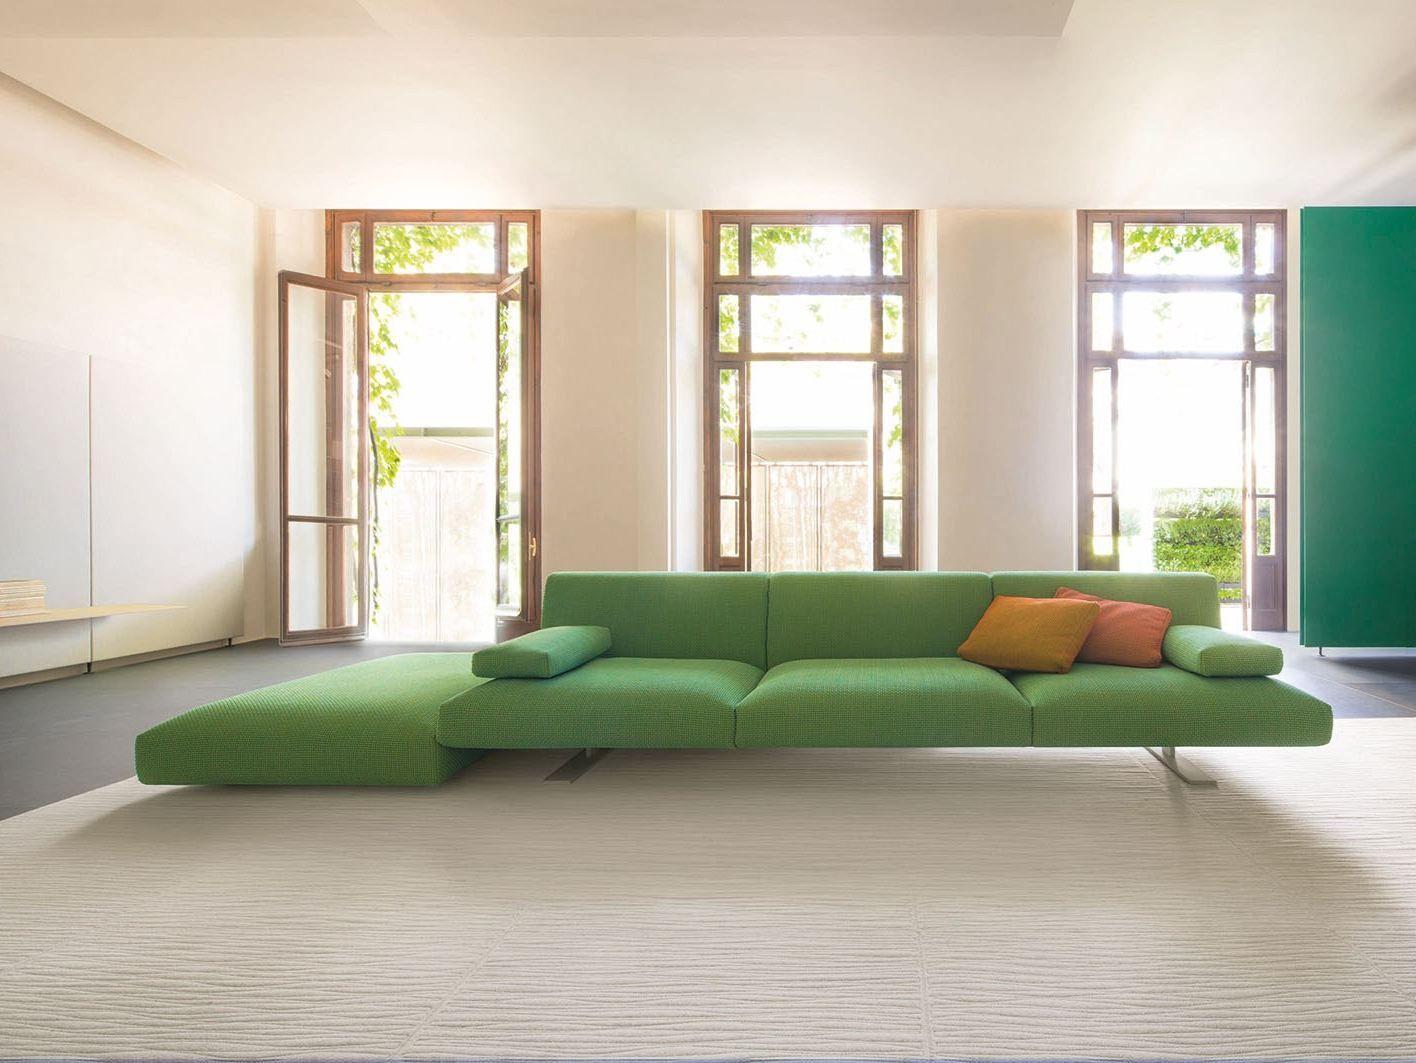 Canap modulable move by paola lenti design francesco rota for Paola lenti